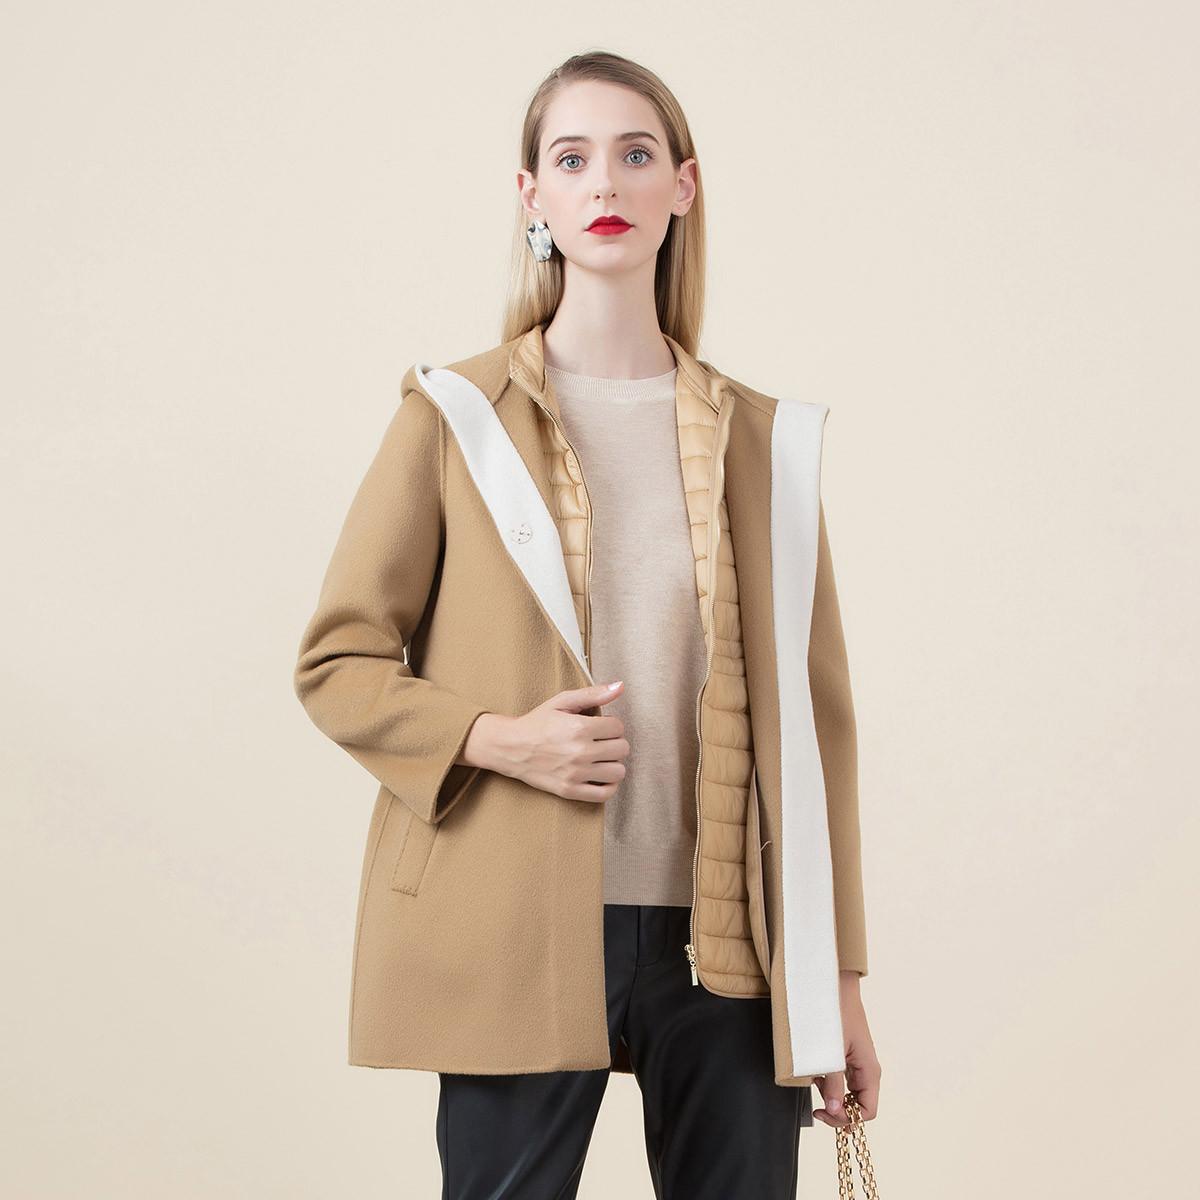 珂尼蒂思珂尼蒂思2019冬季时尚撞色优雅修身连帽短款毛呢外套女684217397-C40